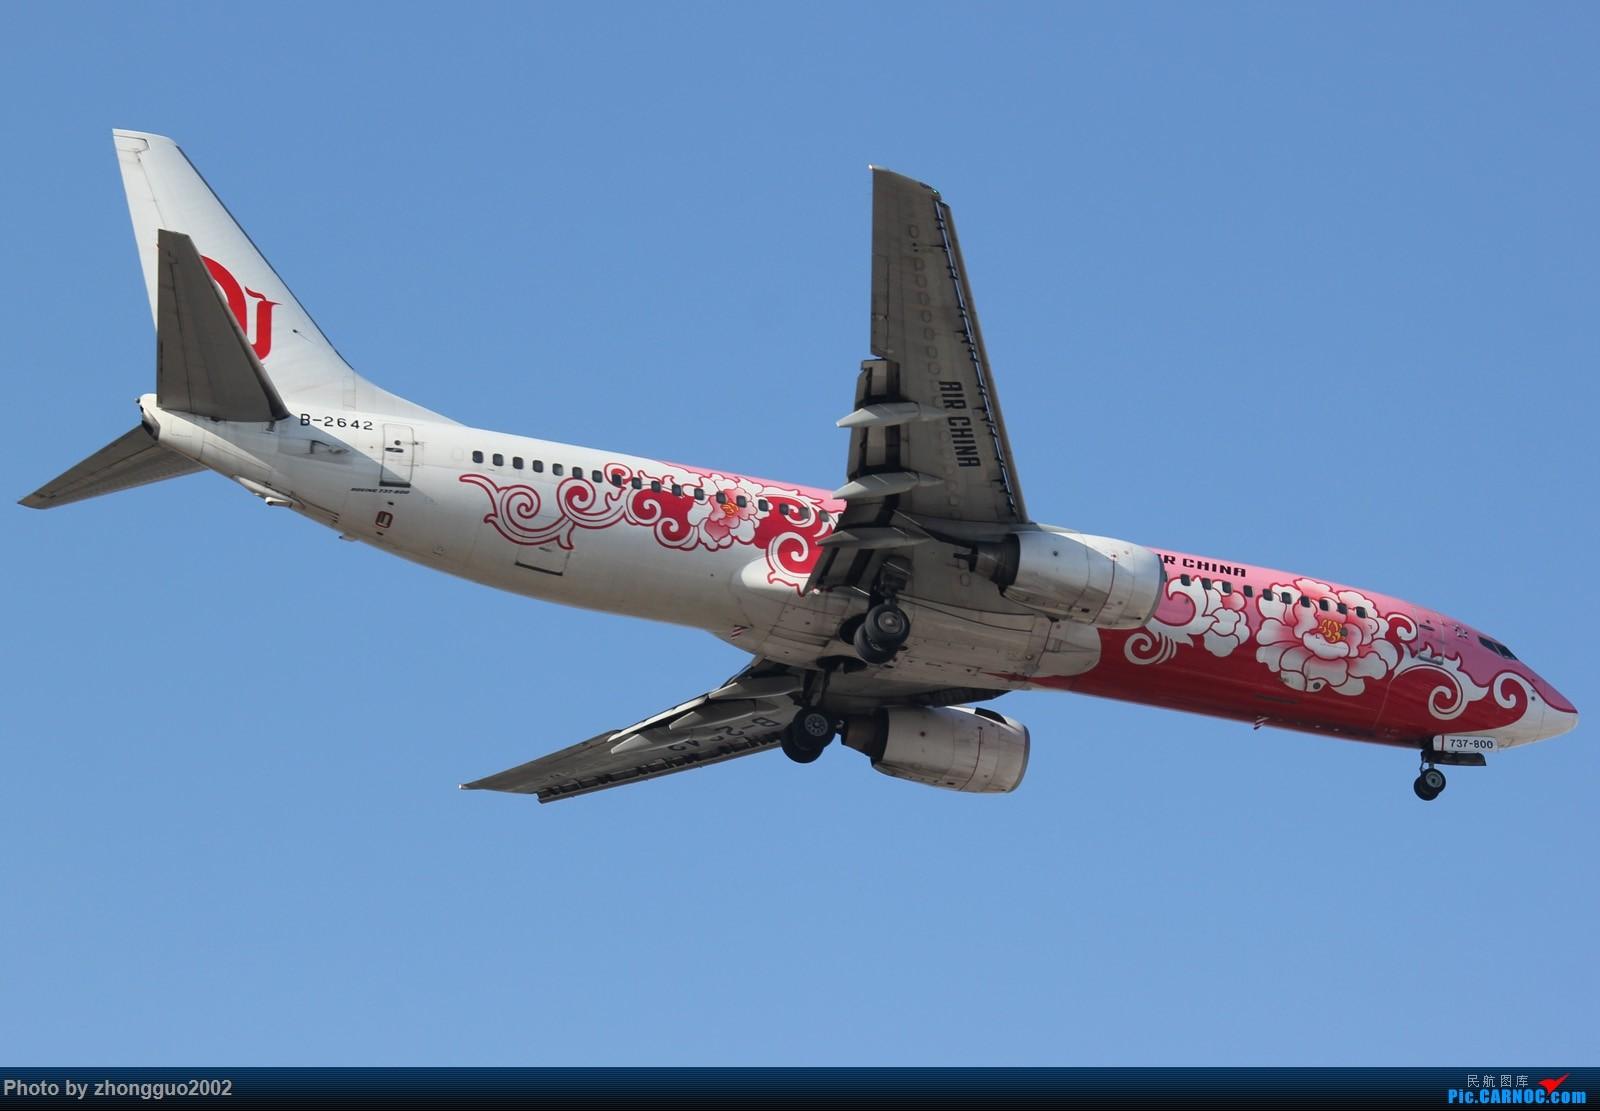 """Re:[原创]北京强劲的偏北风,把庞大的A380都""""吹""""的复飞了,我还是第一次见到,好天气再发点图吧! BOEING 737-800 B-2642 中国北京首都国际机场"""